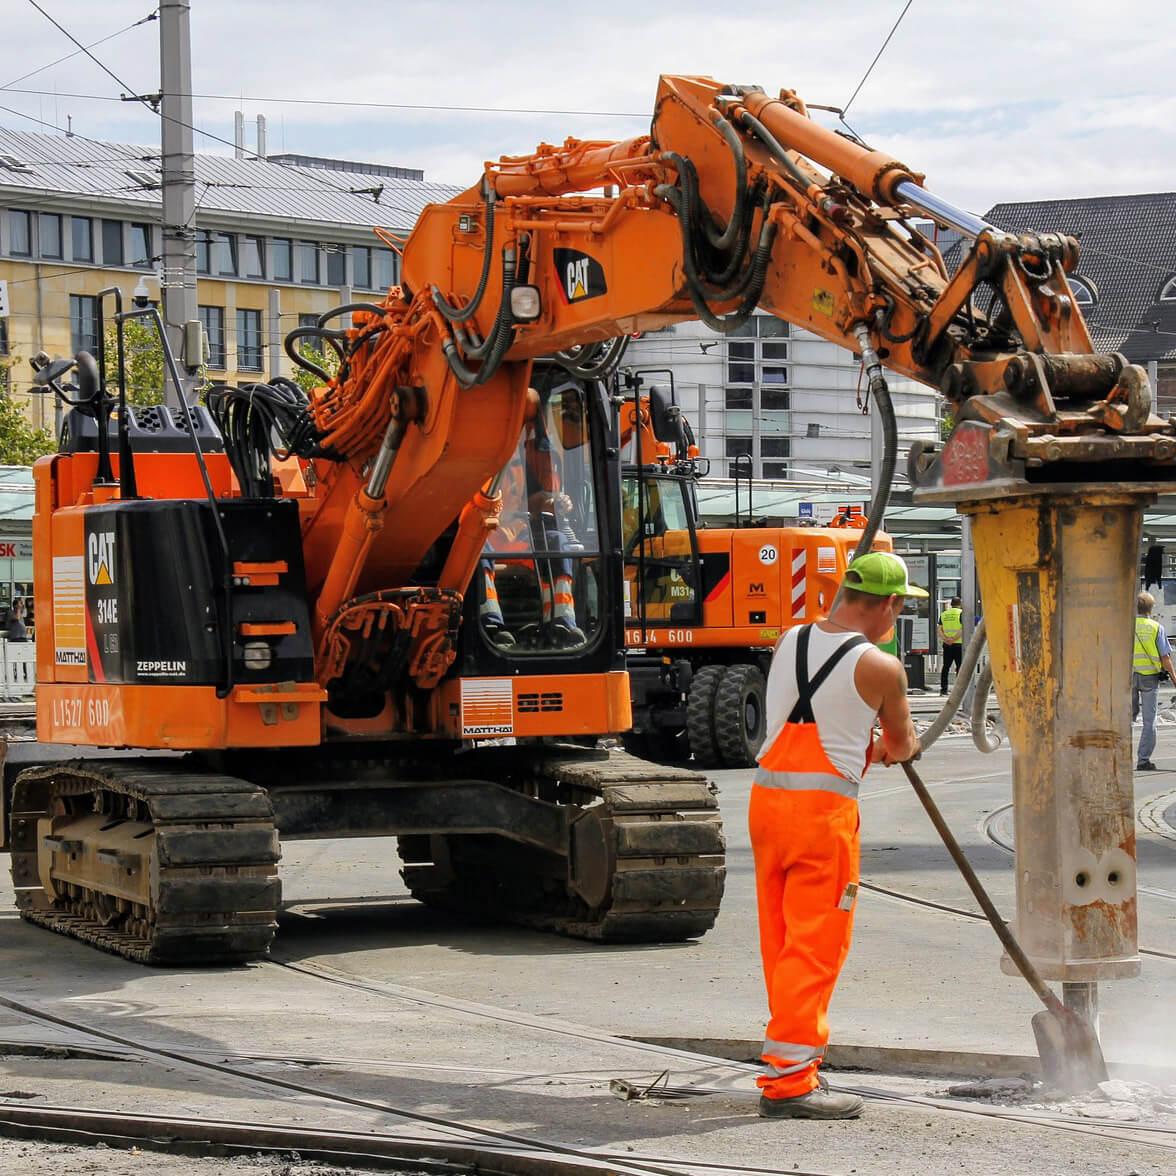 Constructors digging a road